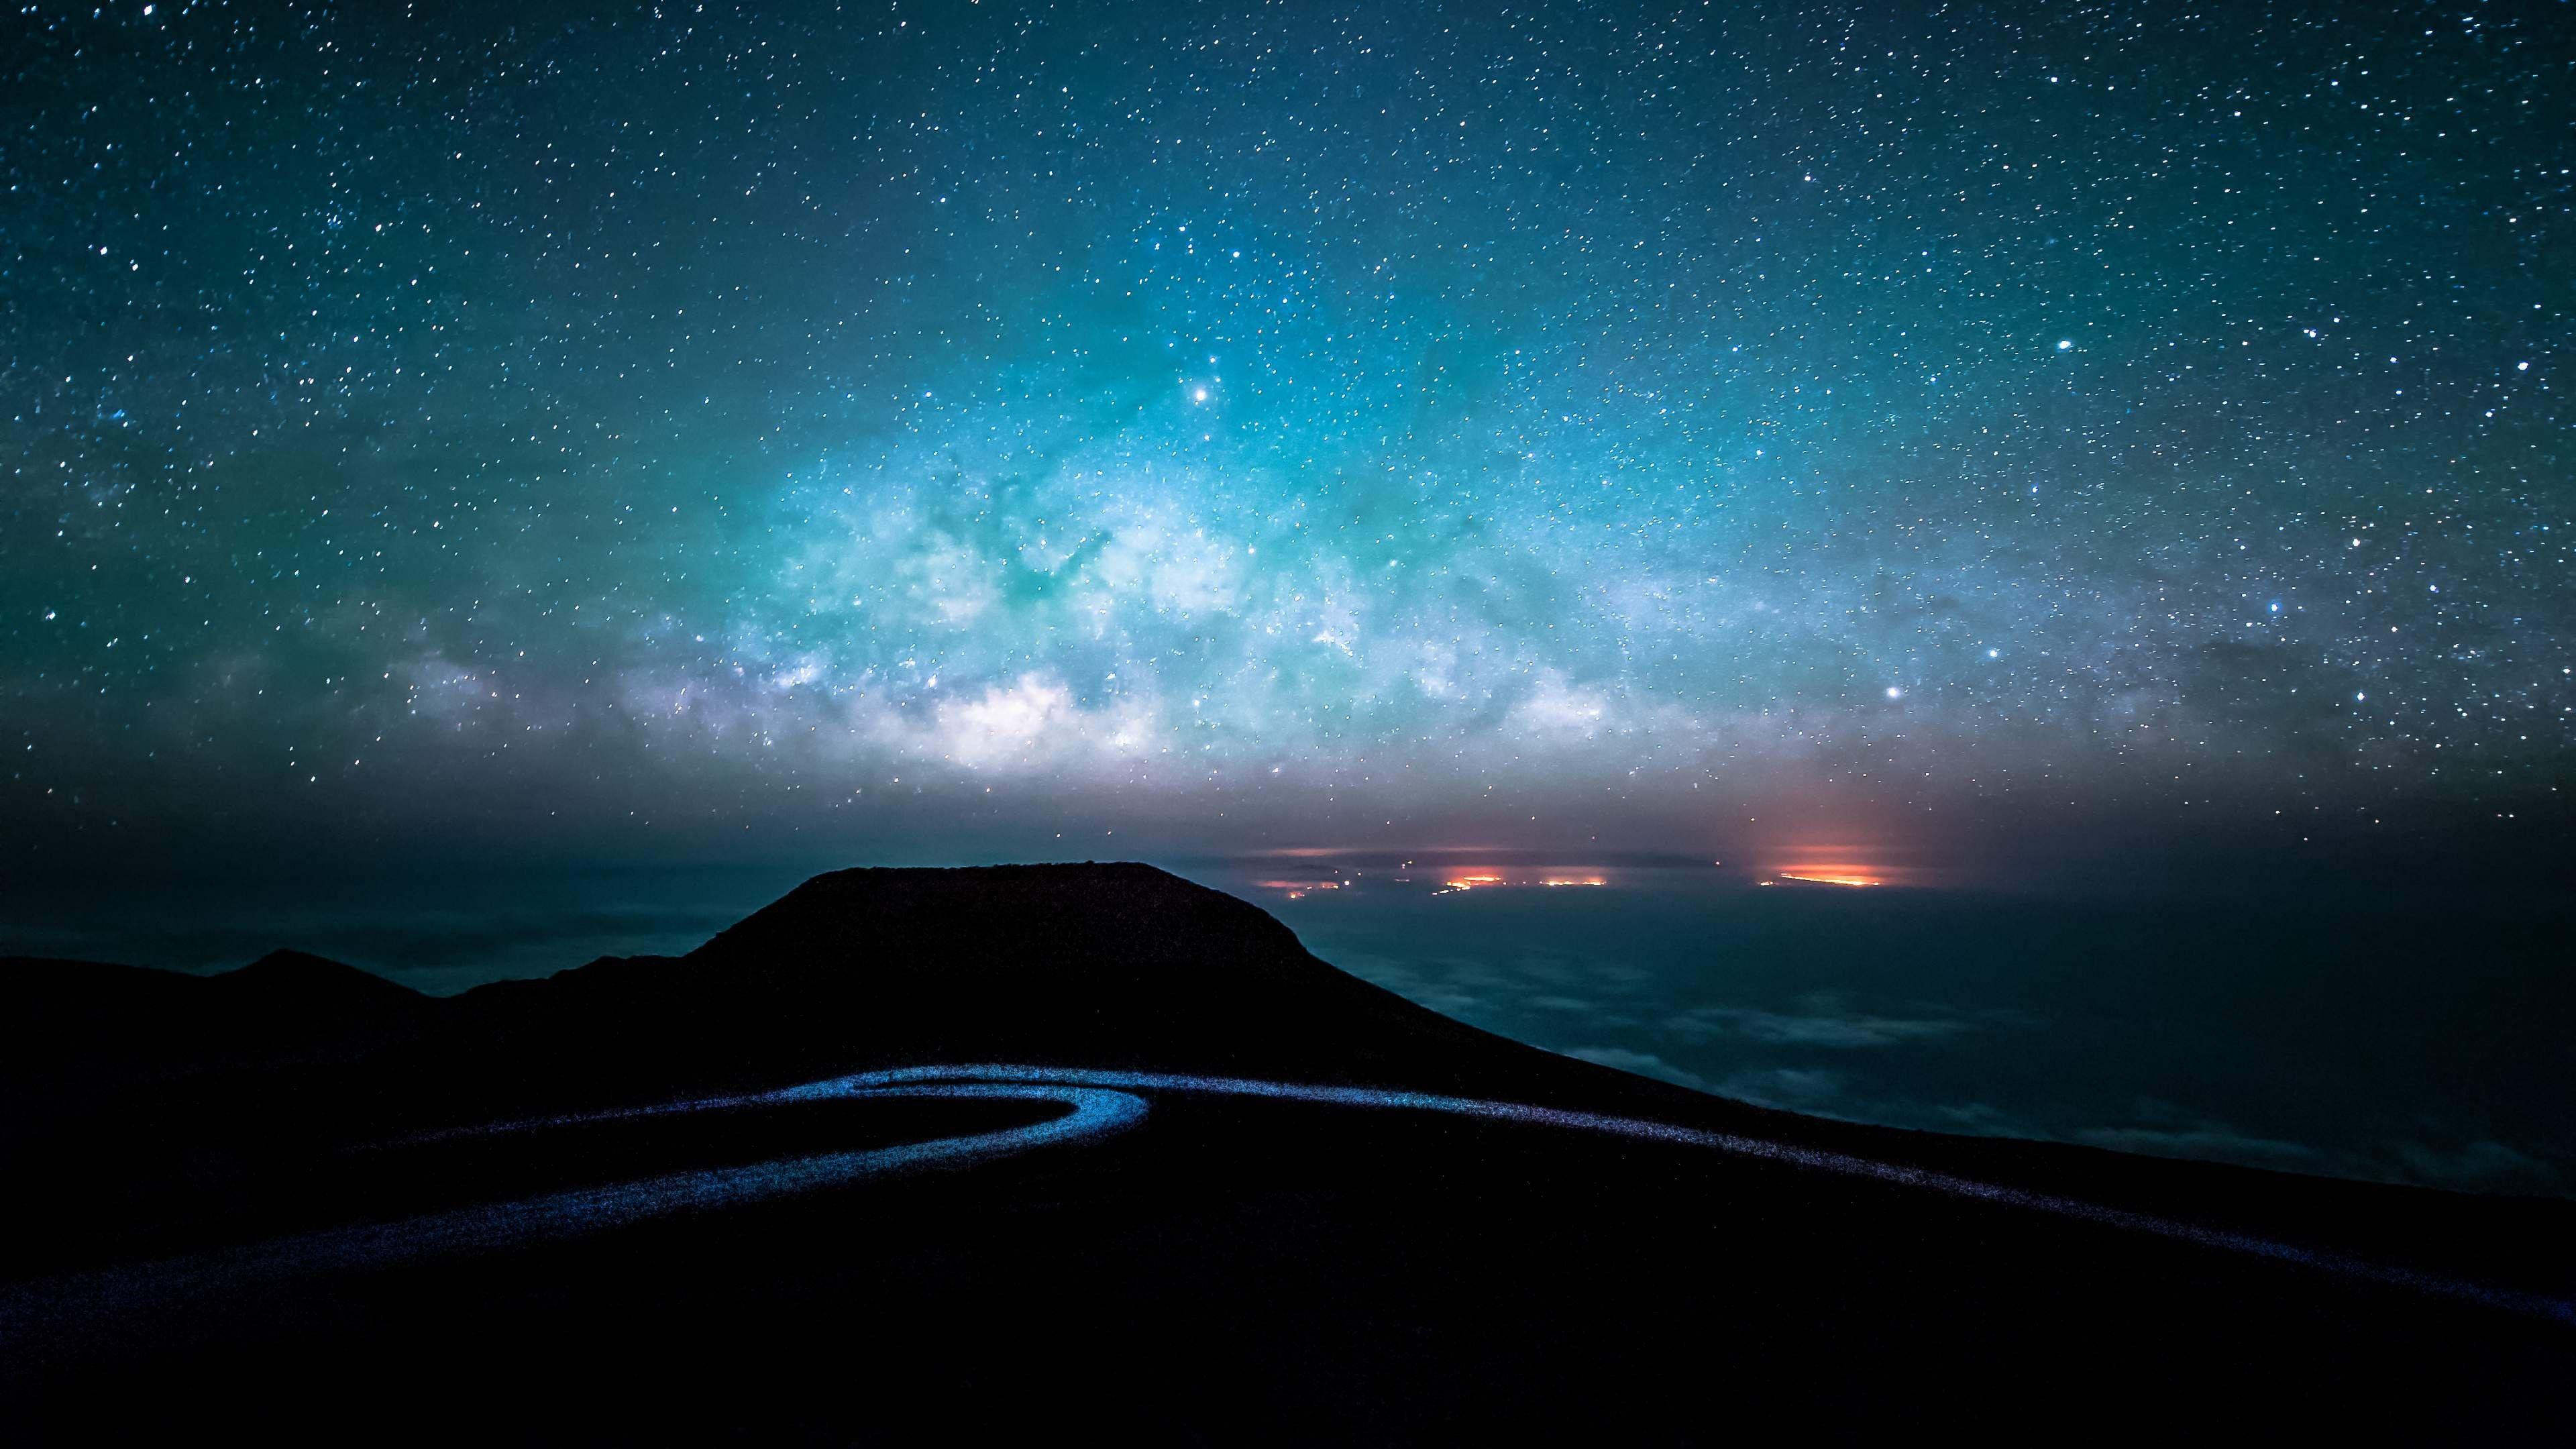 Hình ảnh background trời đêm đầy sao